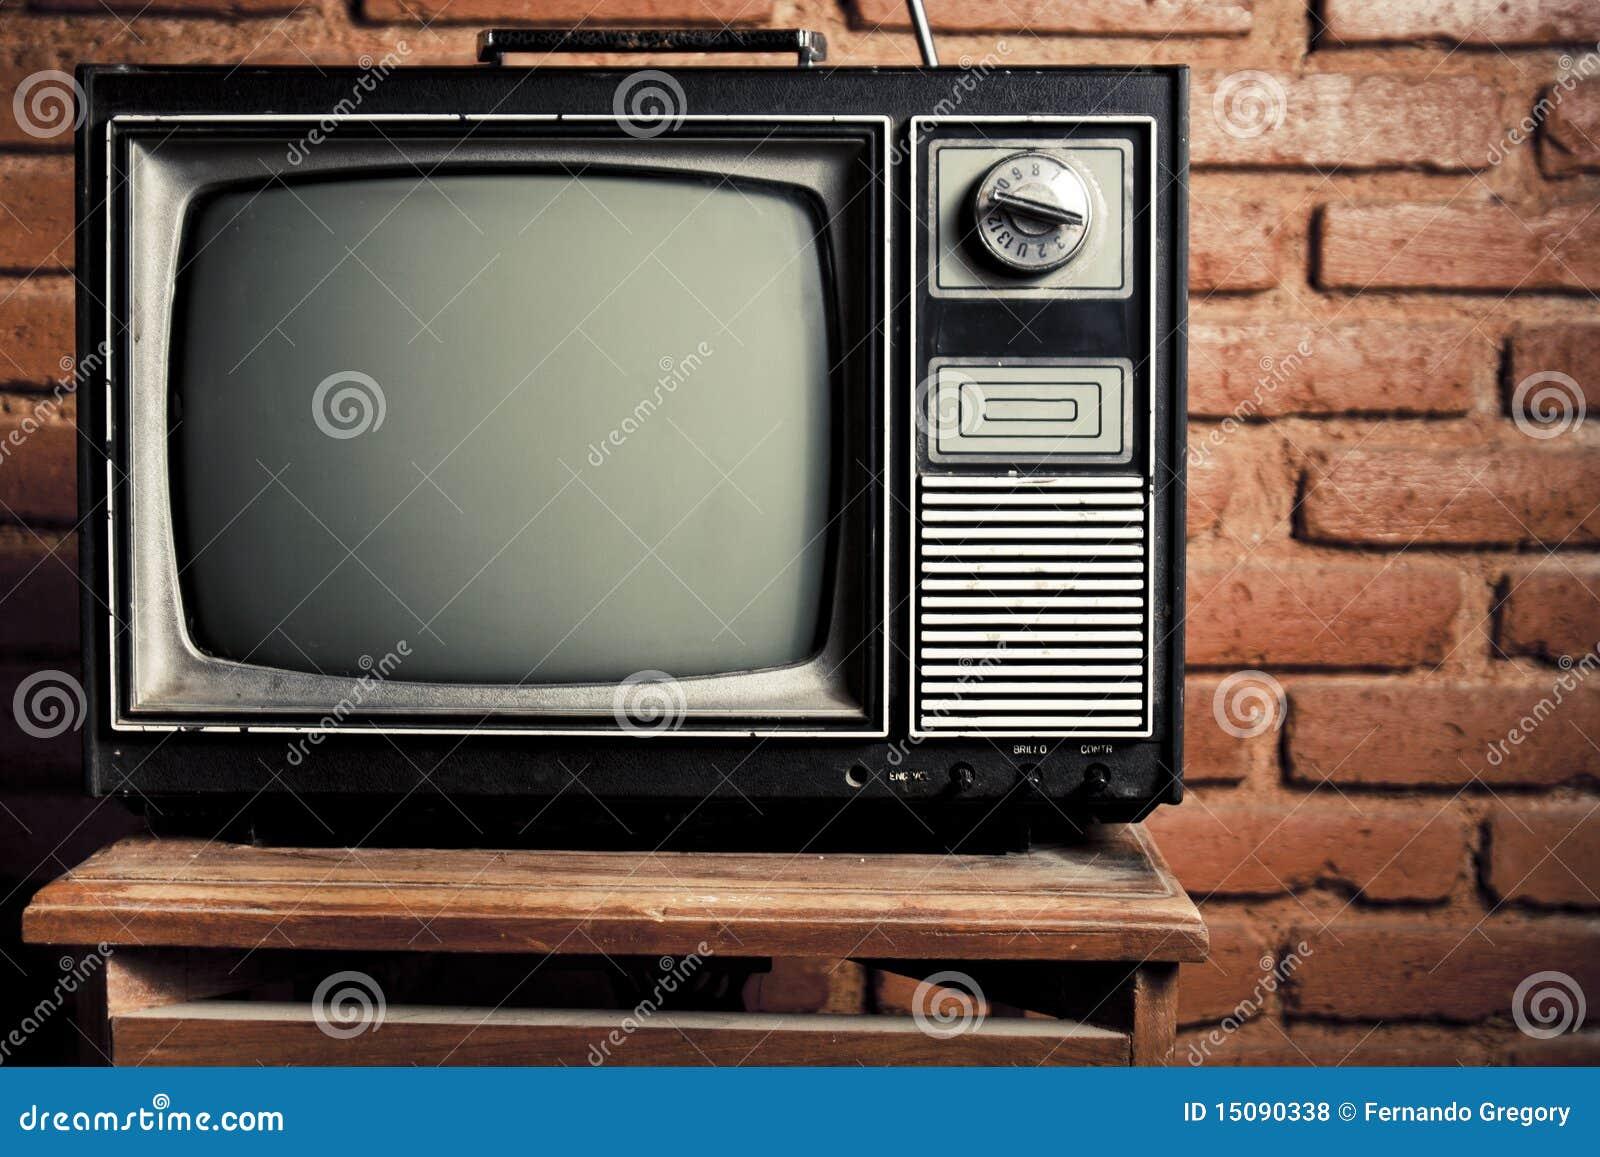 Grunge retro tv contra la pared de ladrillo fotos de - Tv en la pared ...